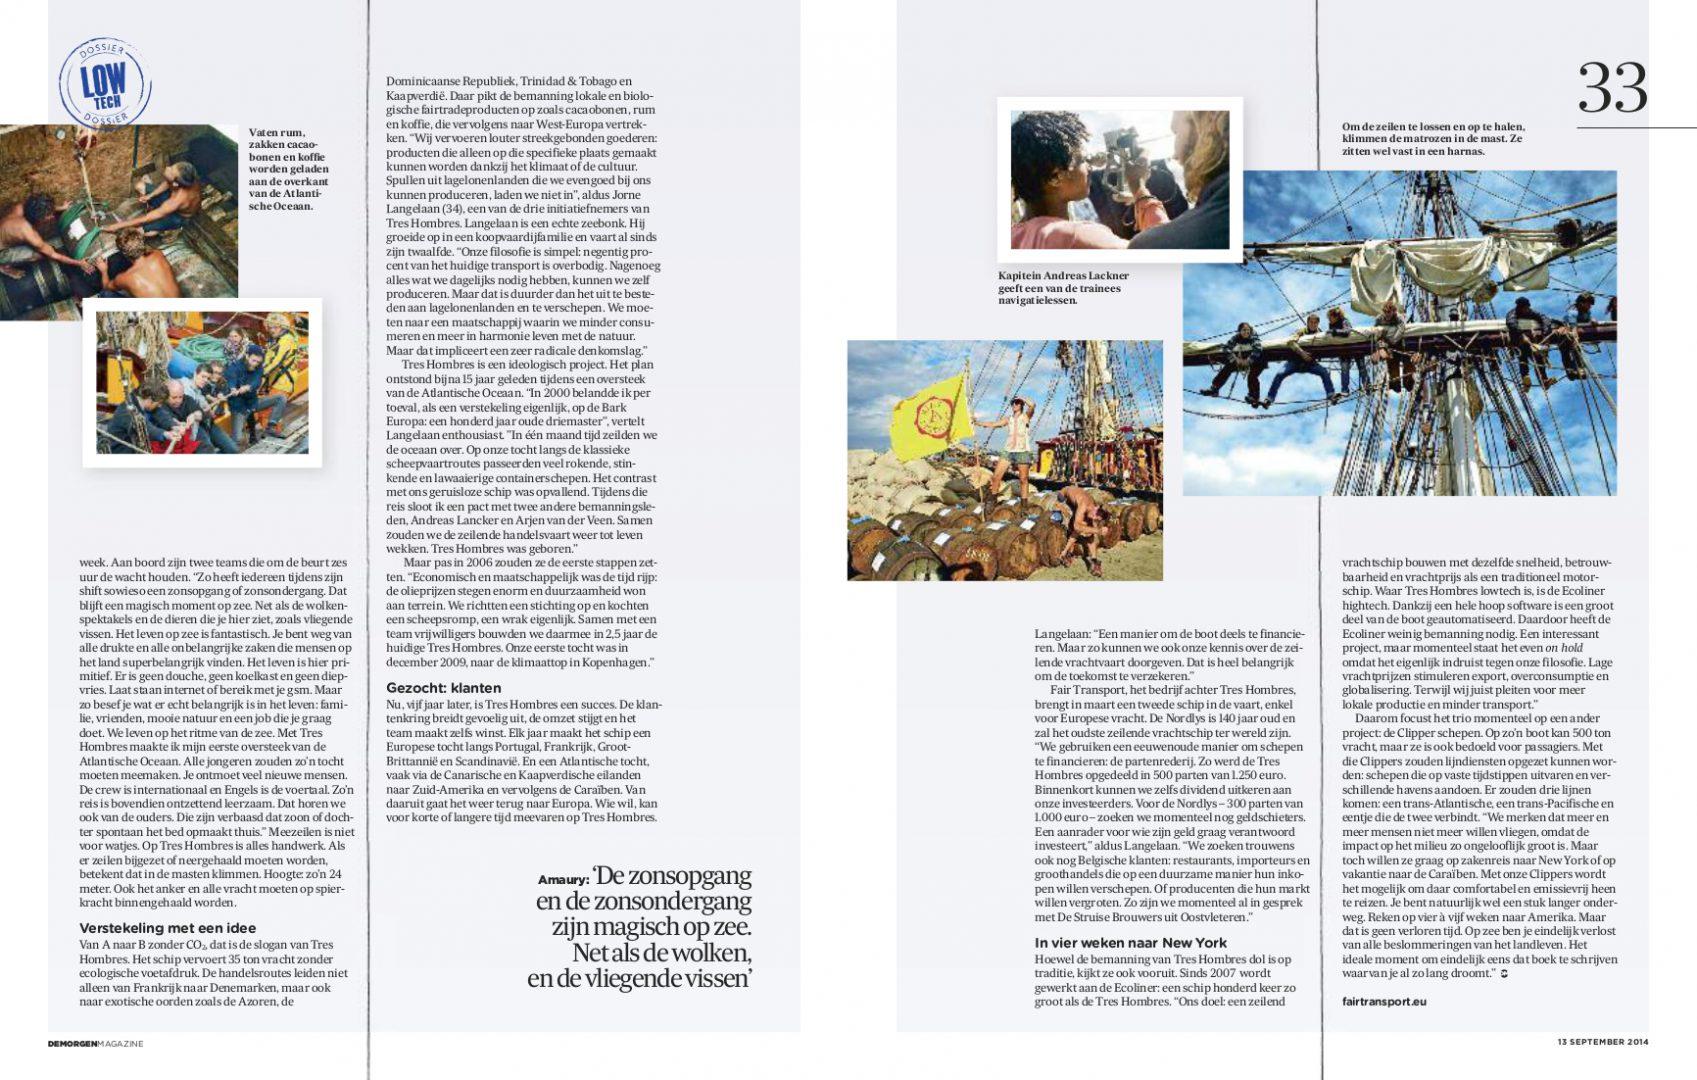 DM_Magazine_13september2014blz2